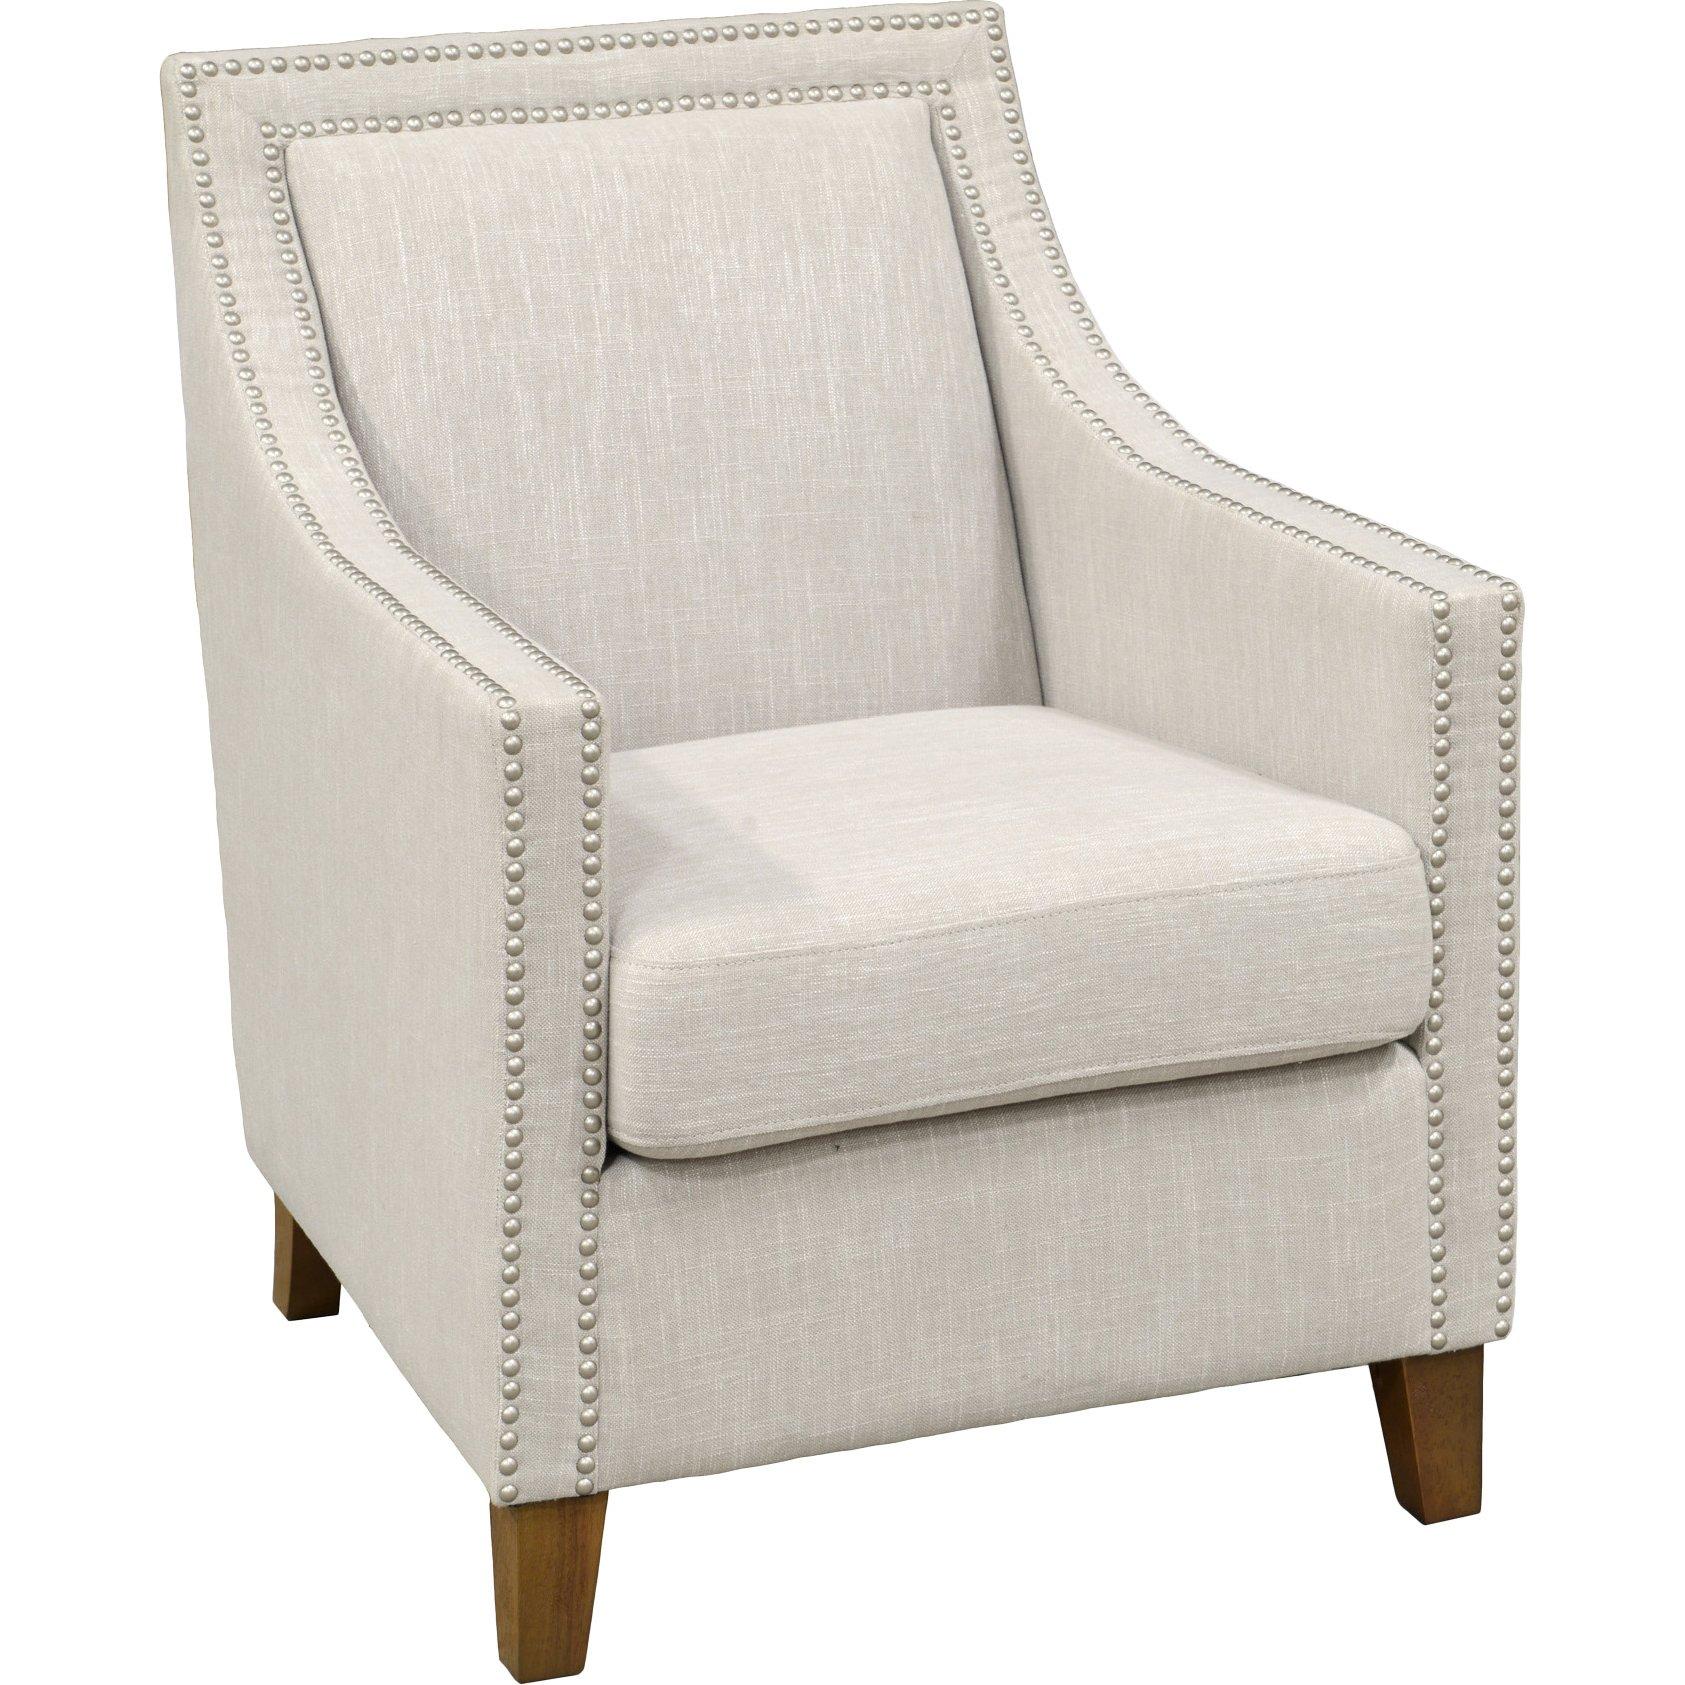 chair - Cheryl 1.jpg